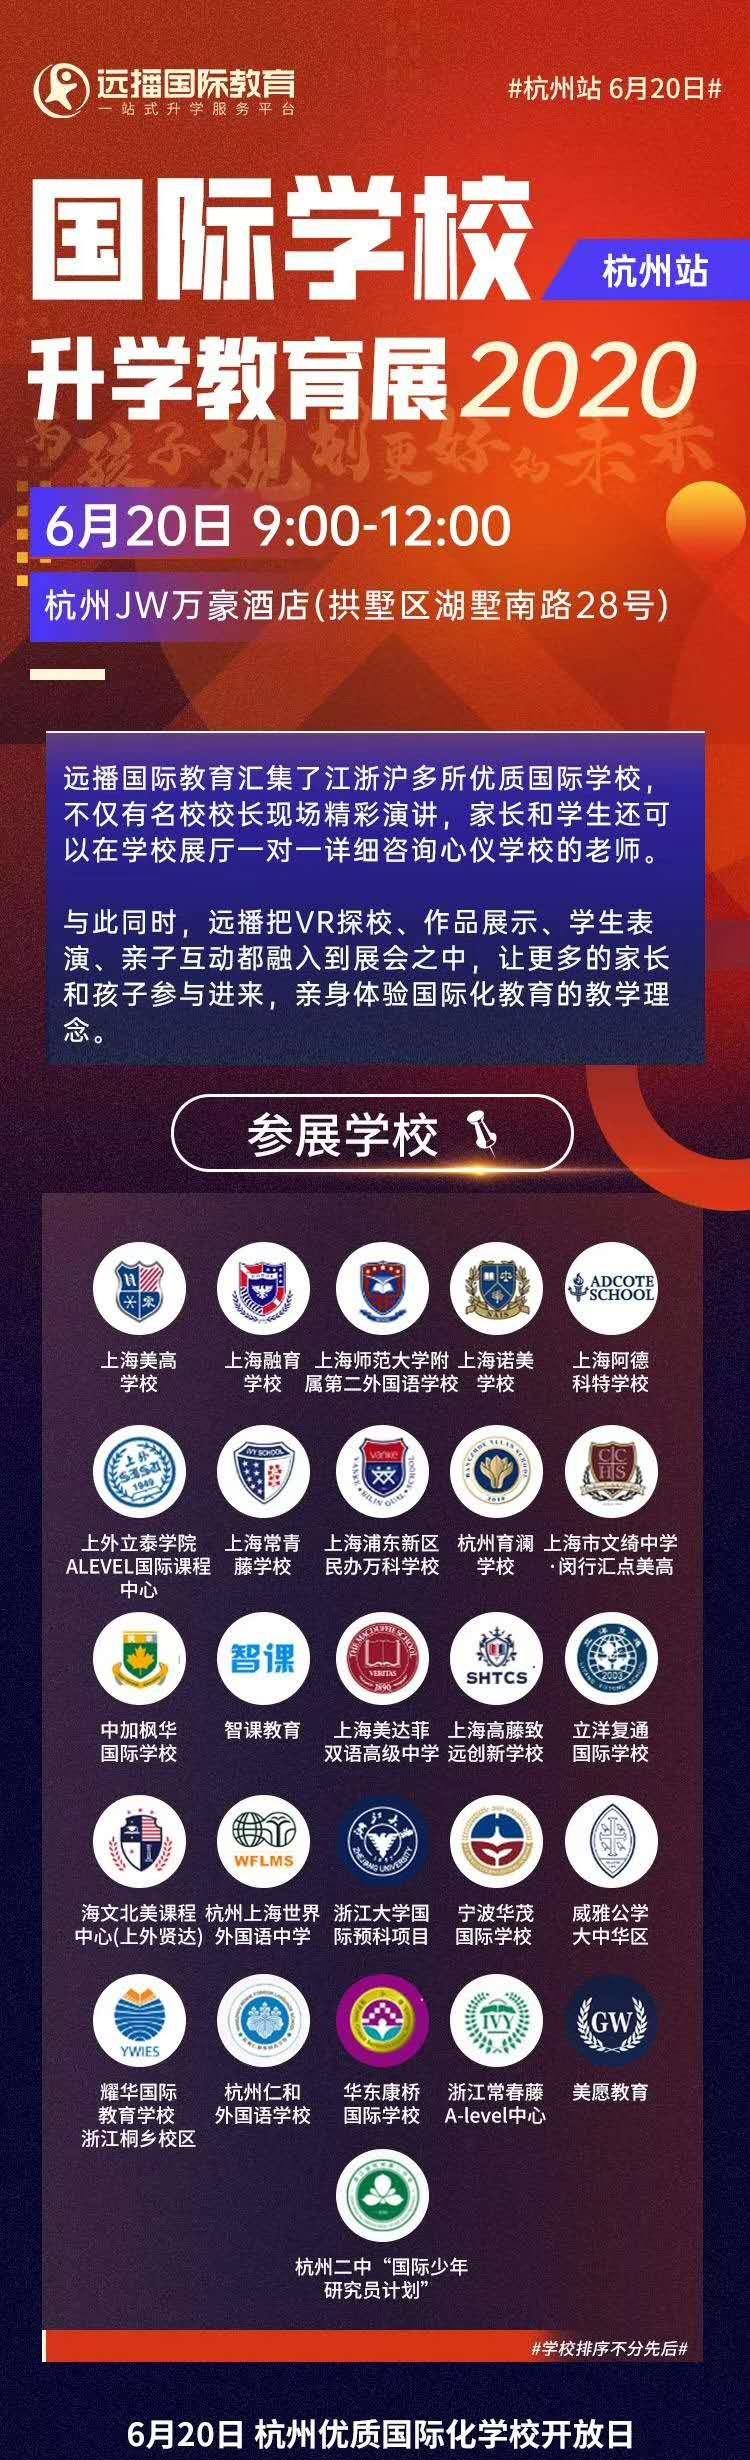 《苏州杭州站》国际学校升学展会